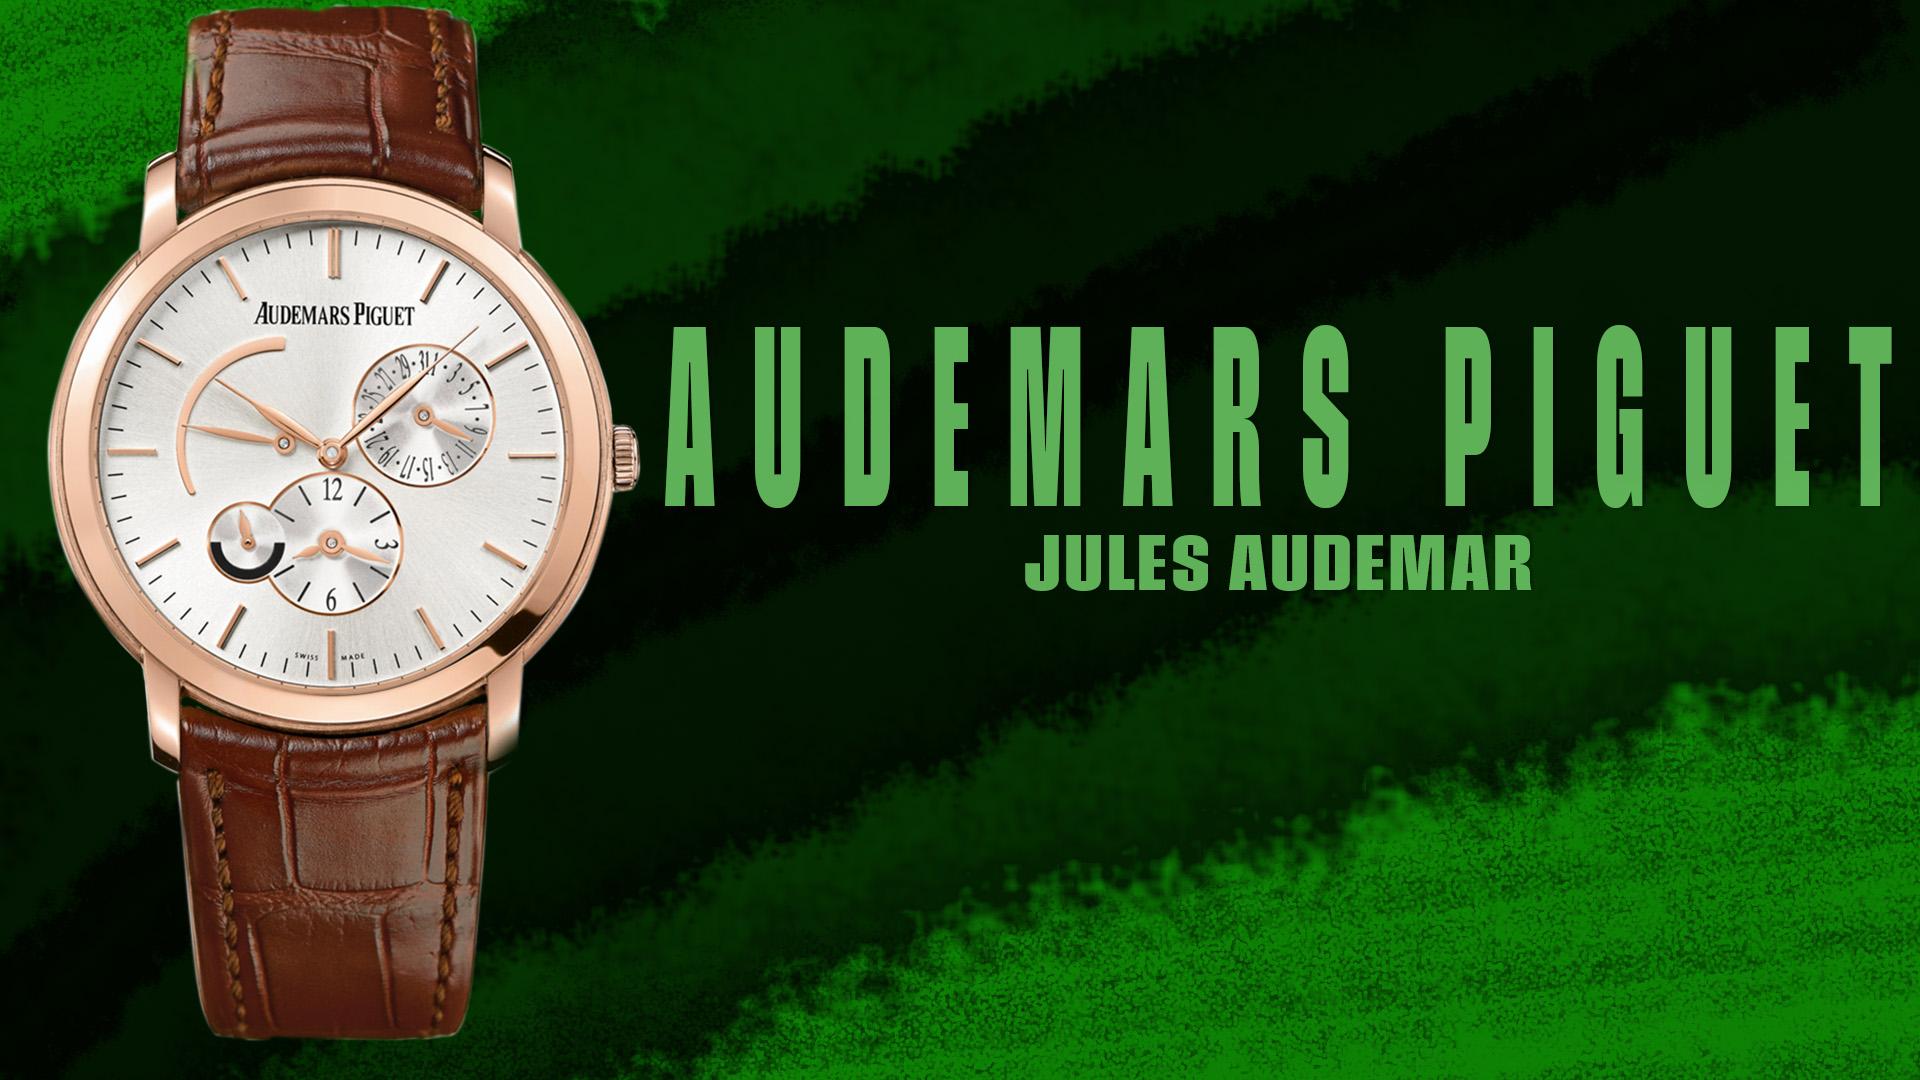 WatchBox - Audemars Piguet Jules Audemars